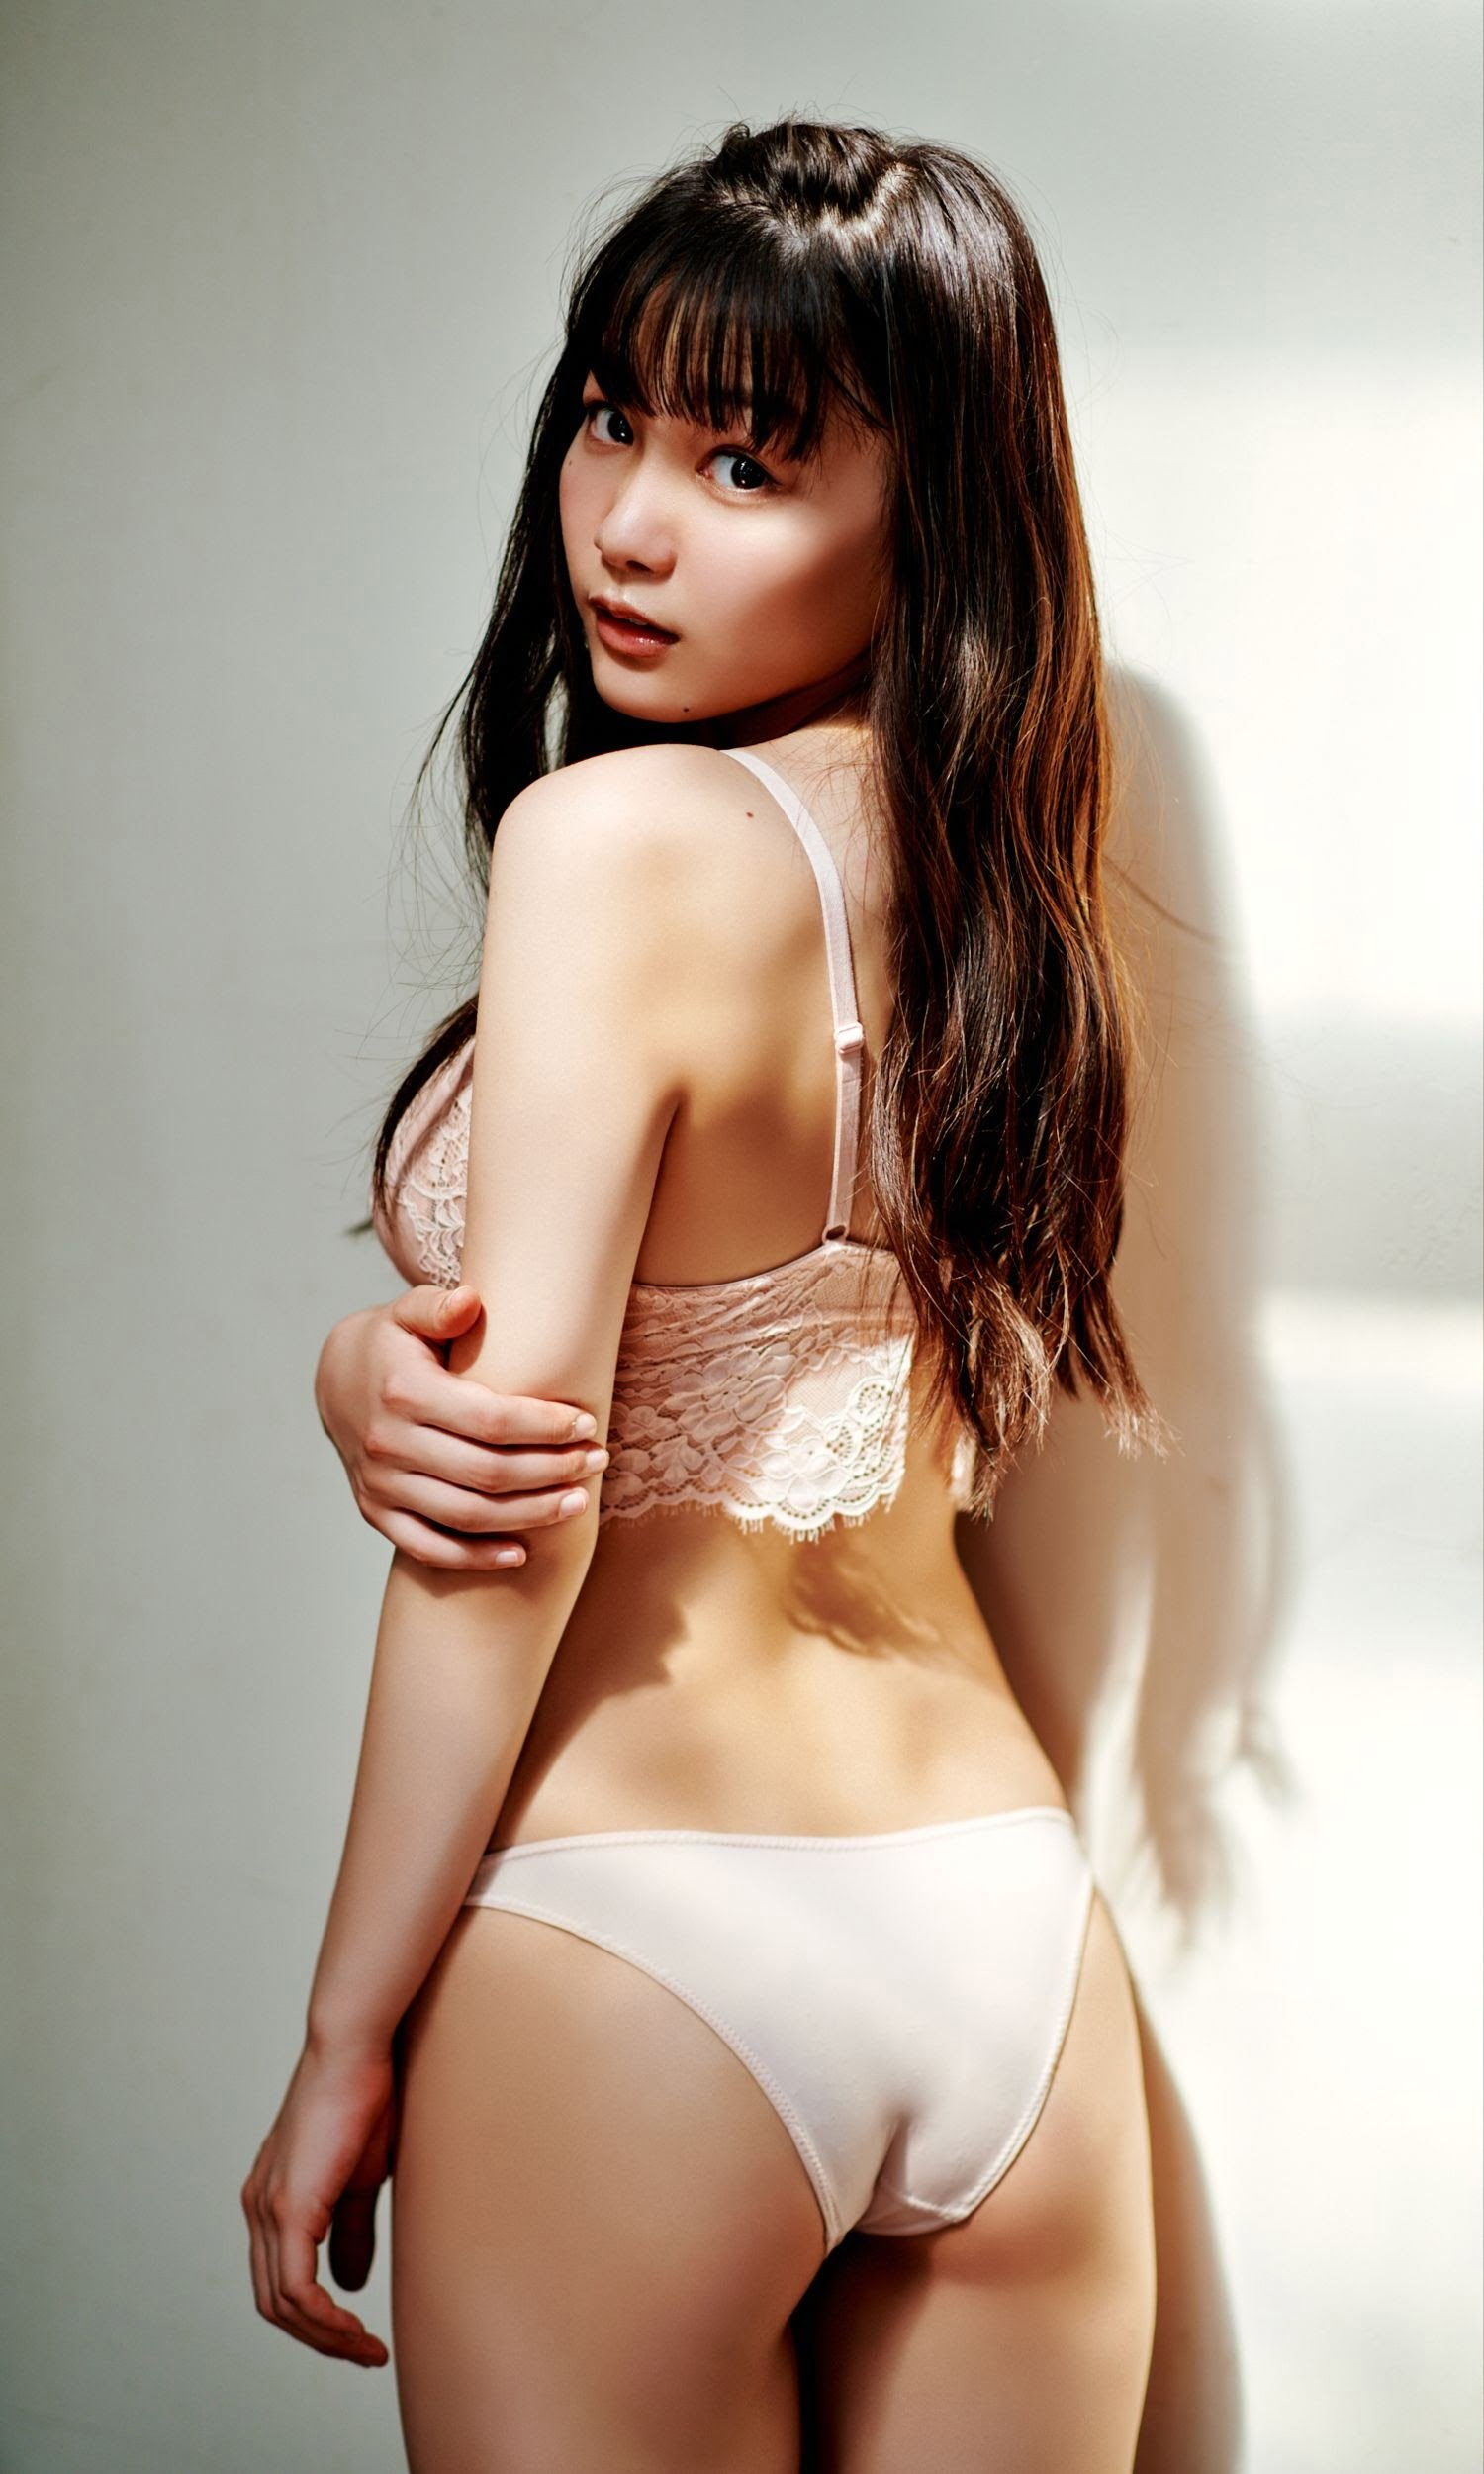 グラビアアイドル写真集|ミスマガジンのフレッシュな美ボディが魅力的な吉澤遥奈高画質グラビア画像まとめ2 99枚